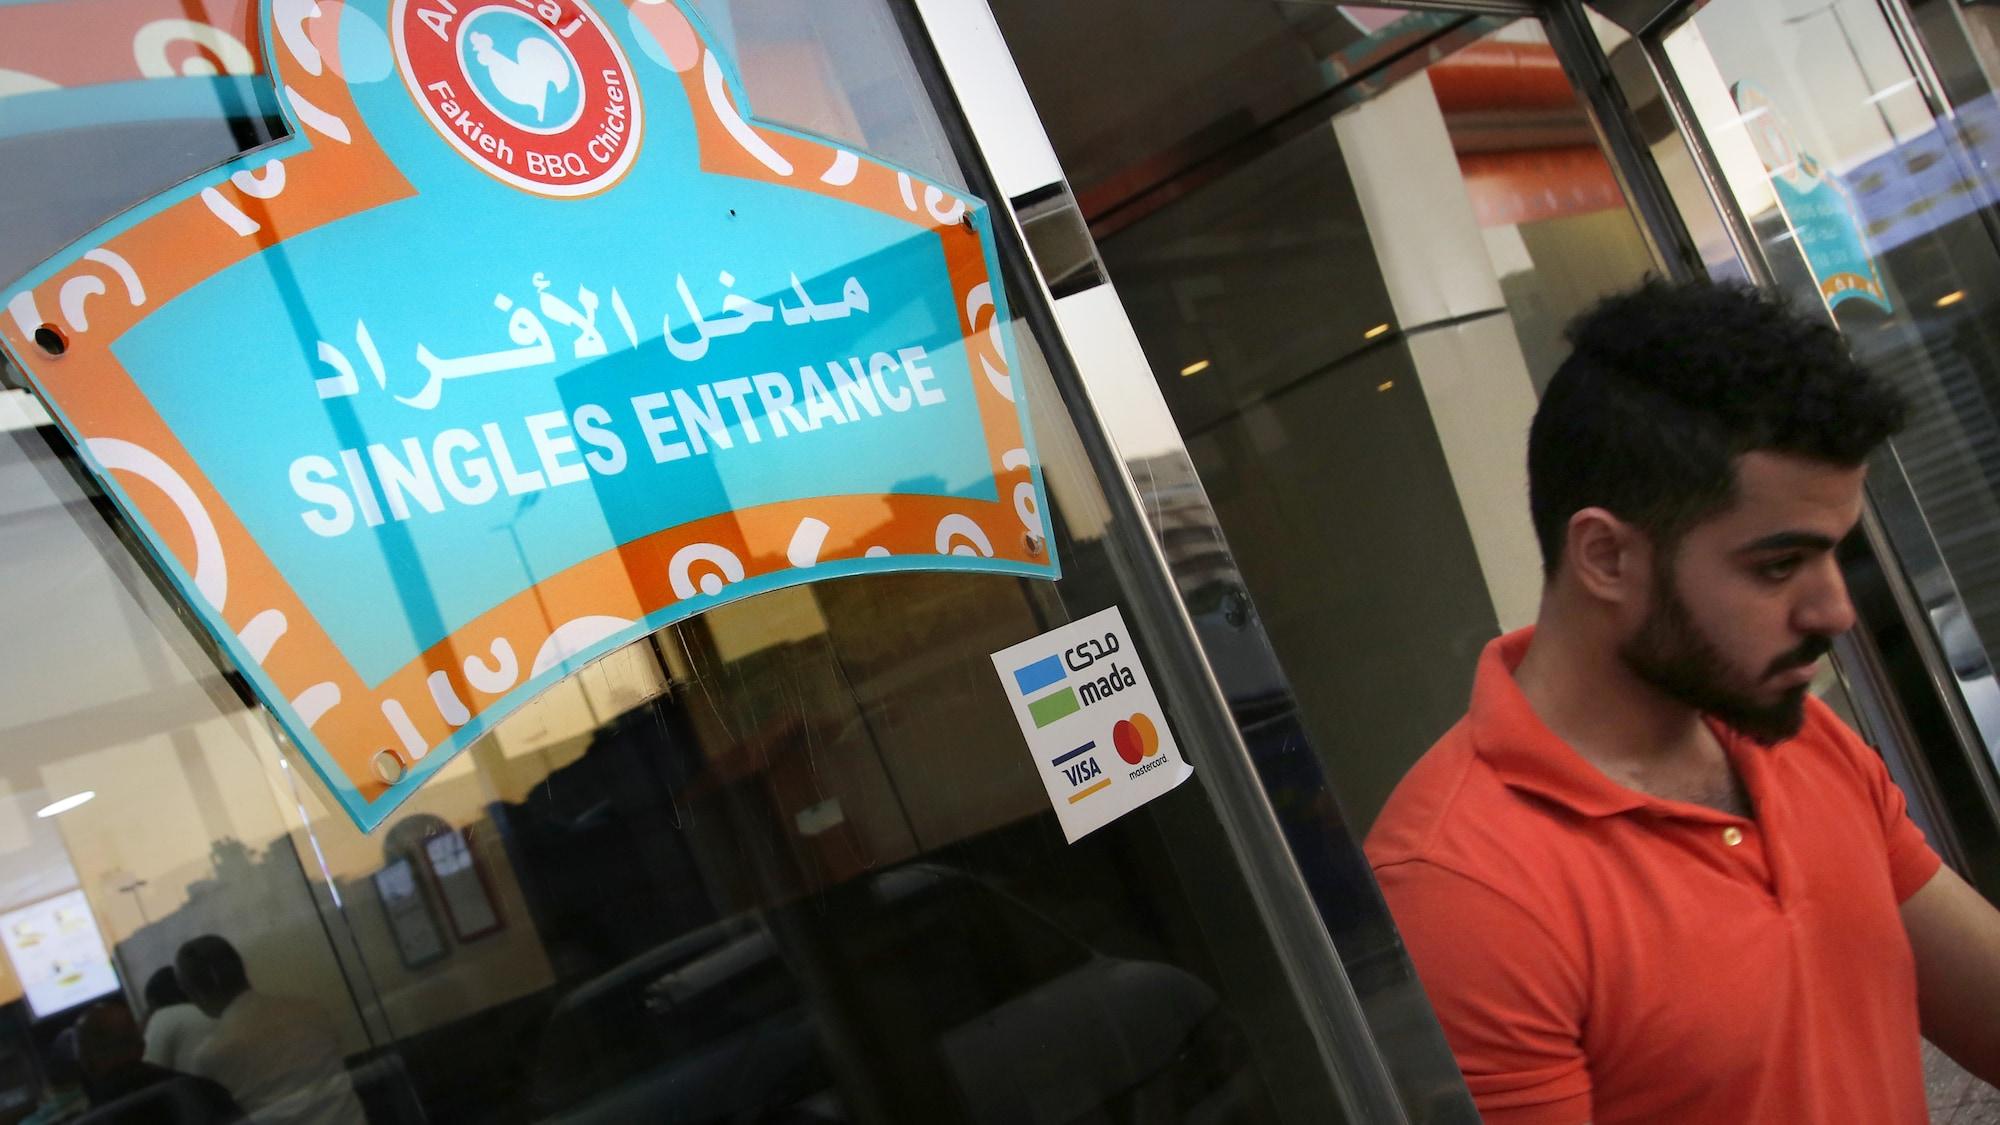 Sachte Reformen im erzkonservativen Saudi-Arabien: Frauen und Männer dürfen nun auch im Starbucks zusammensitzen